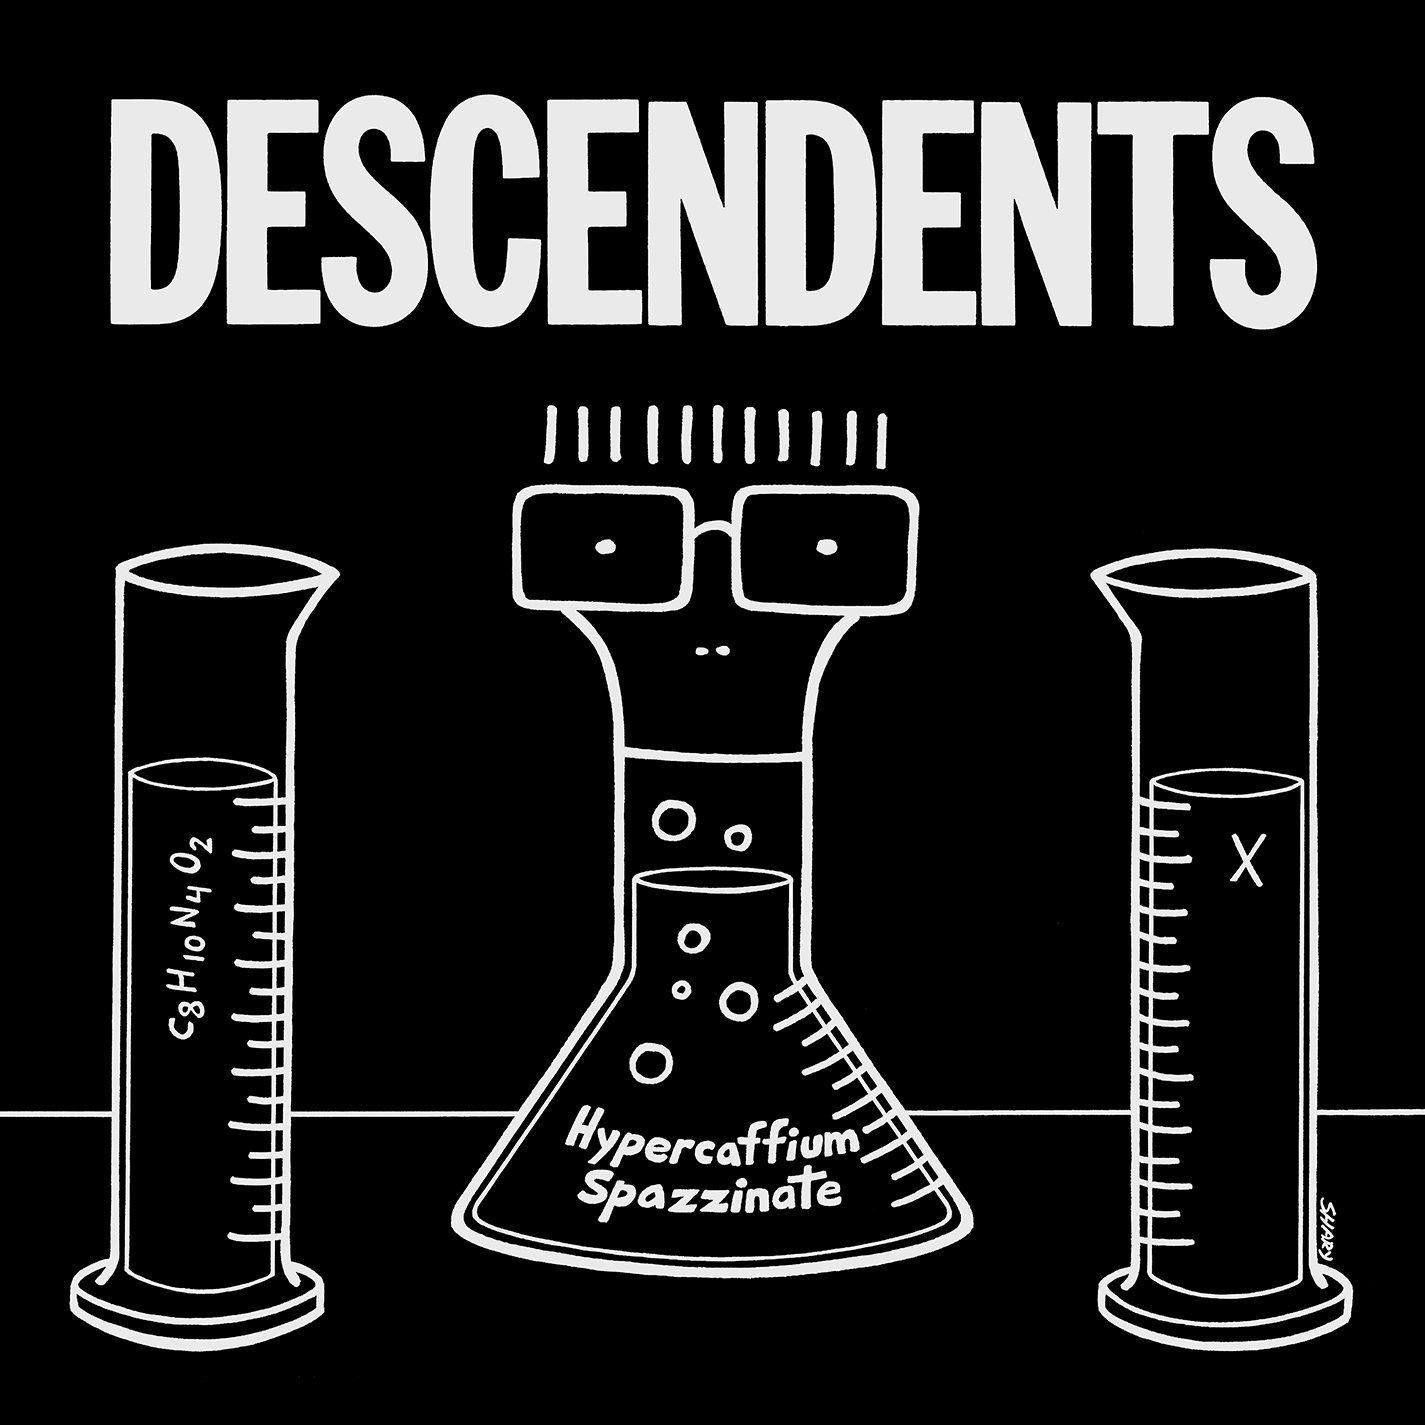 Descendents: Hypercaffium Spazzinate [Album Review]